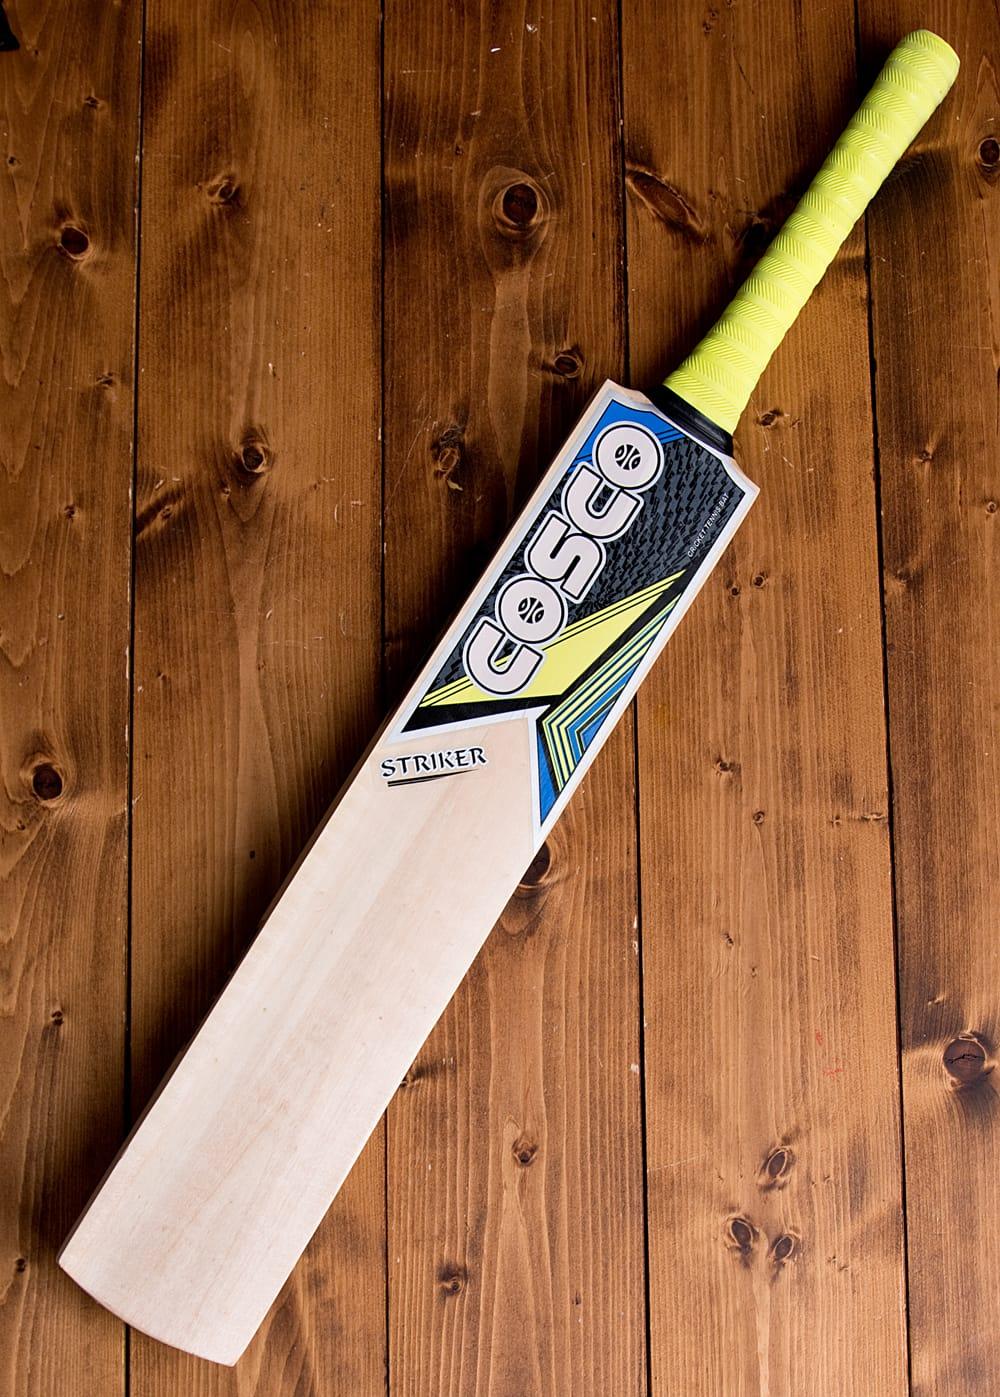 クリケットバット - COSCO STRIKERの写真